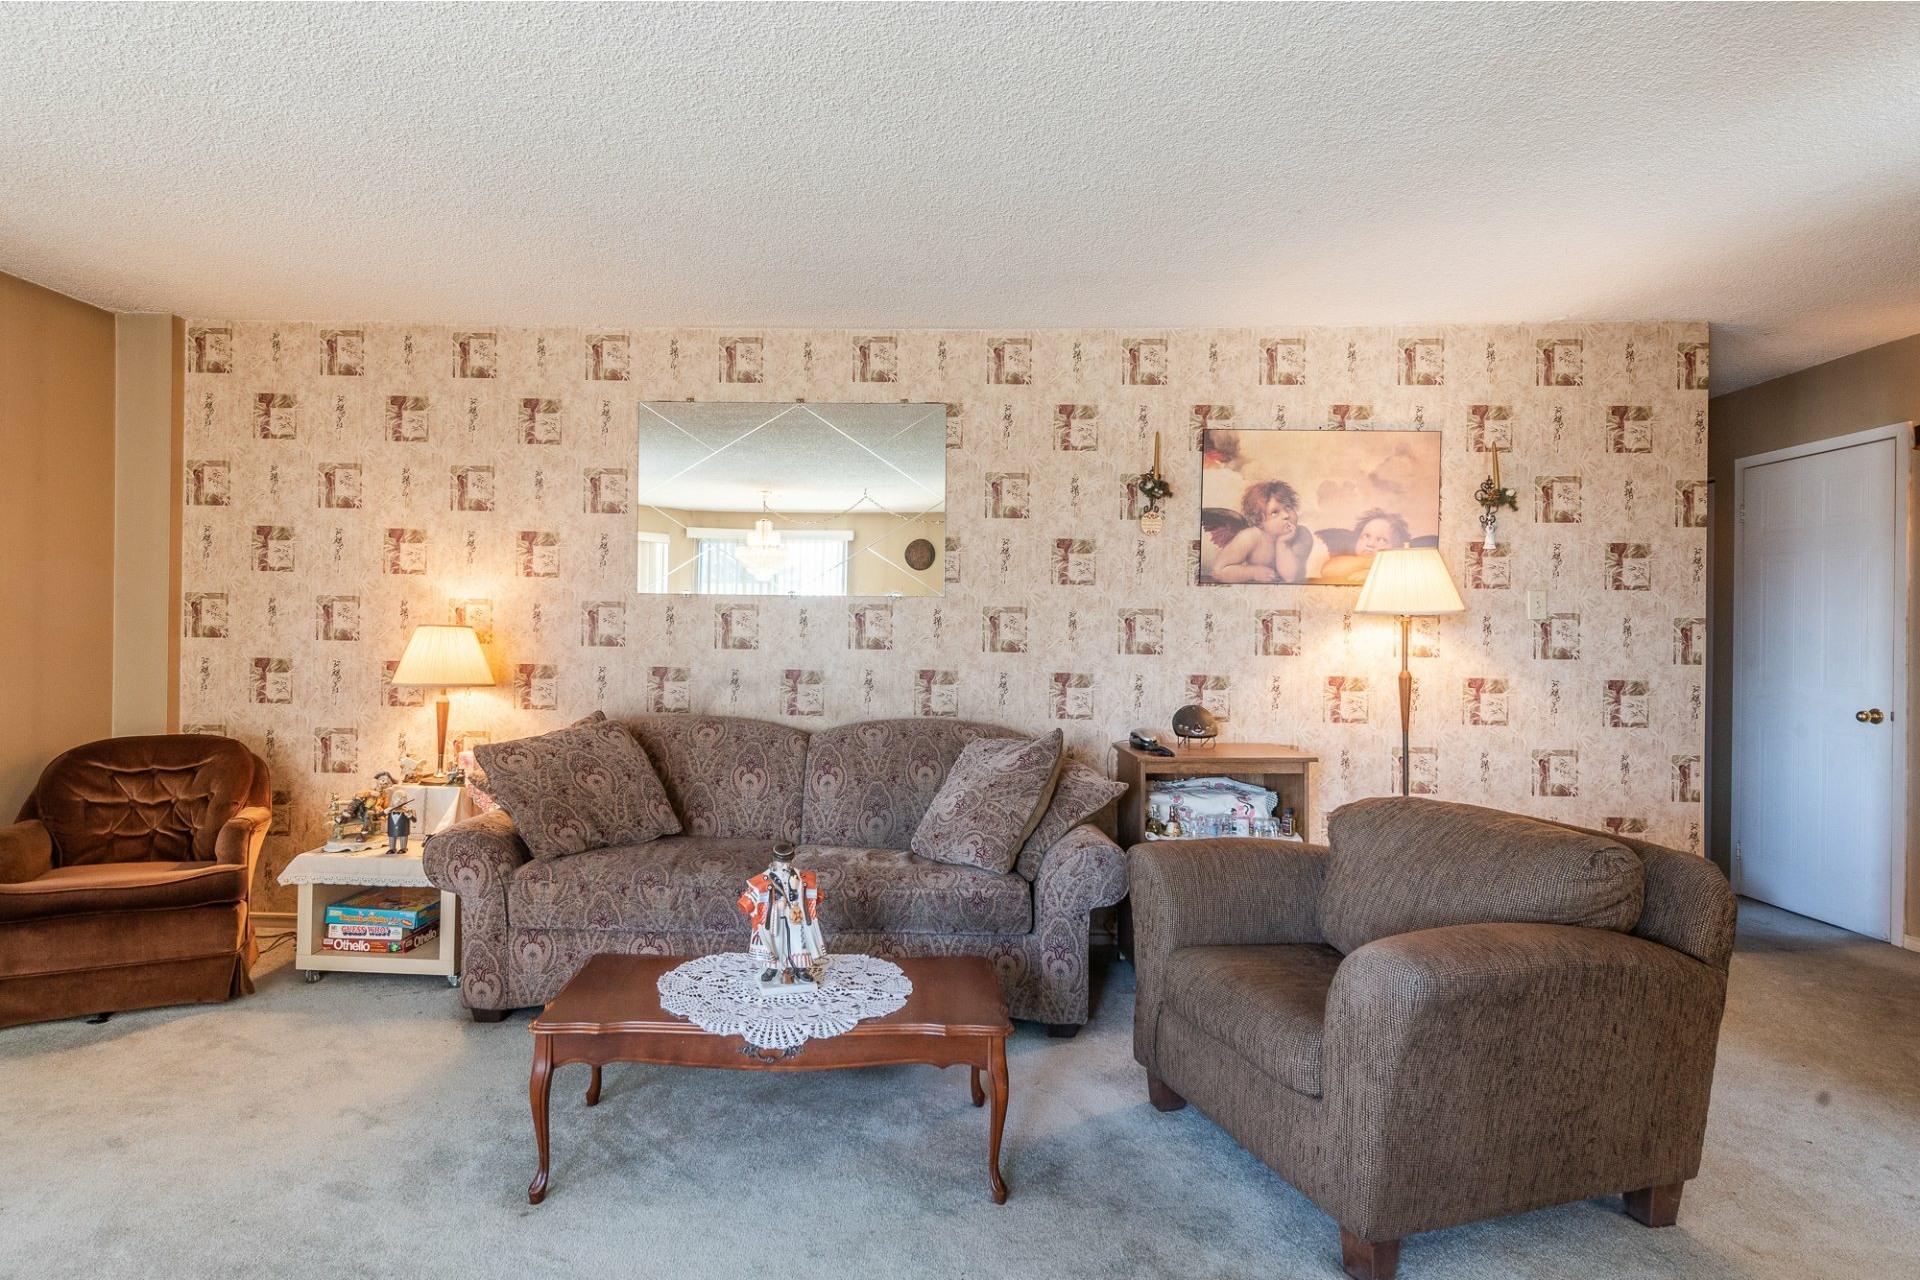 image 6 - Apartment For sale Montréal Saint-Laurent  - 5 rooms